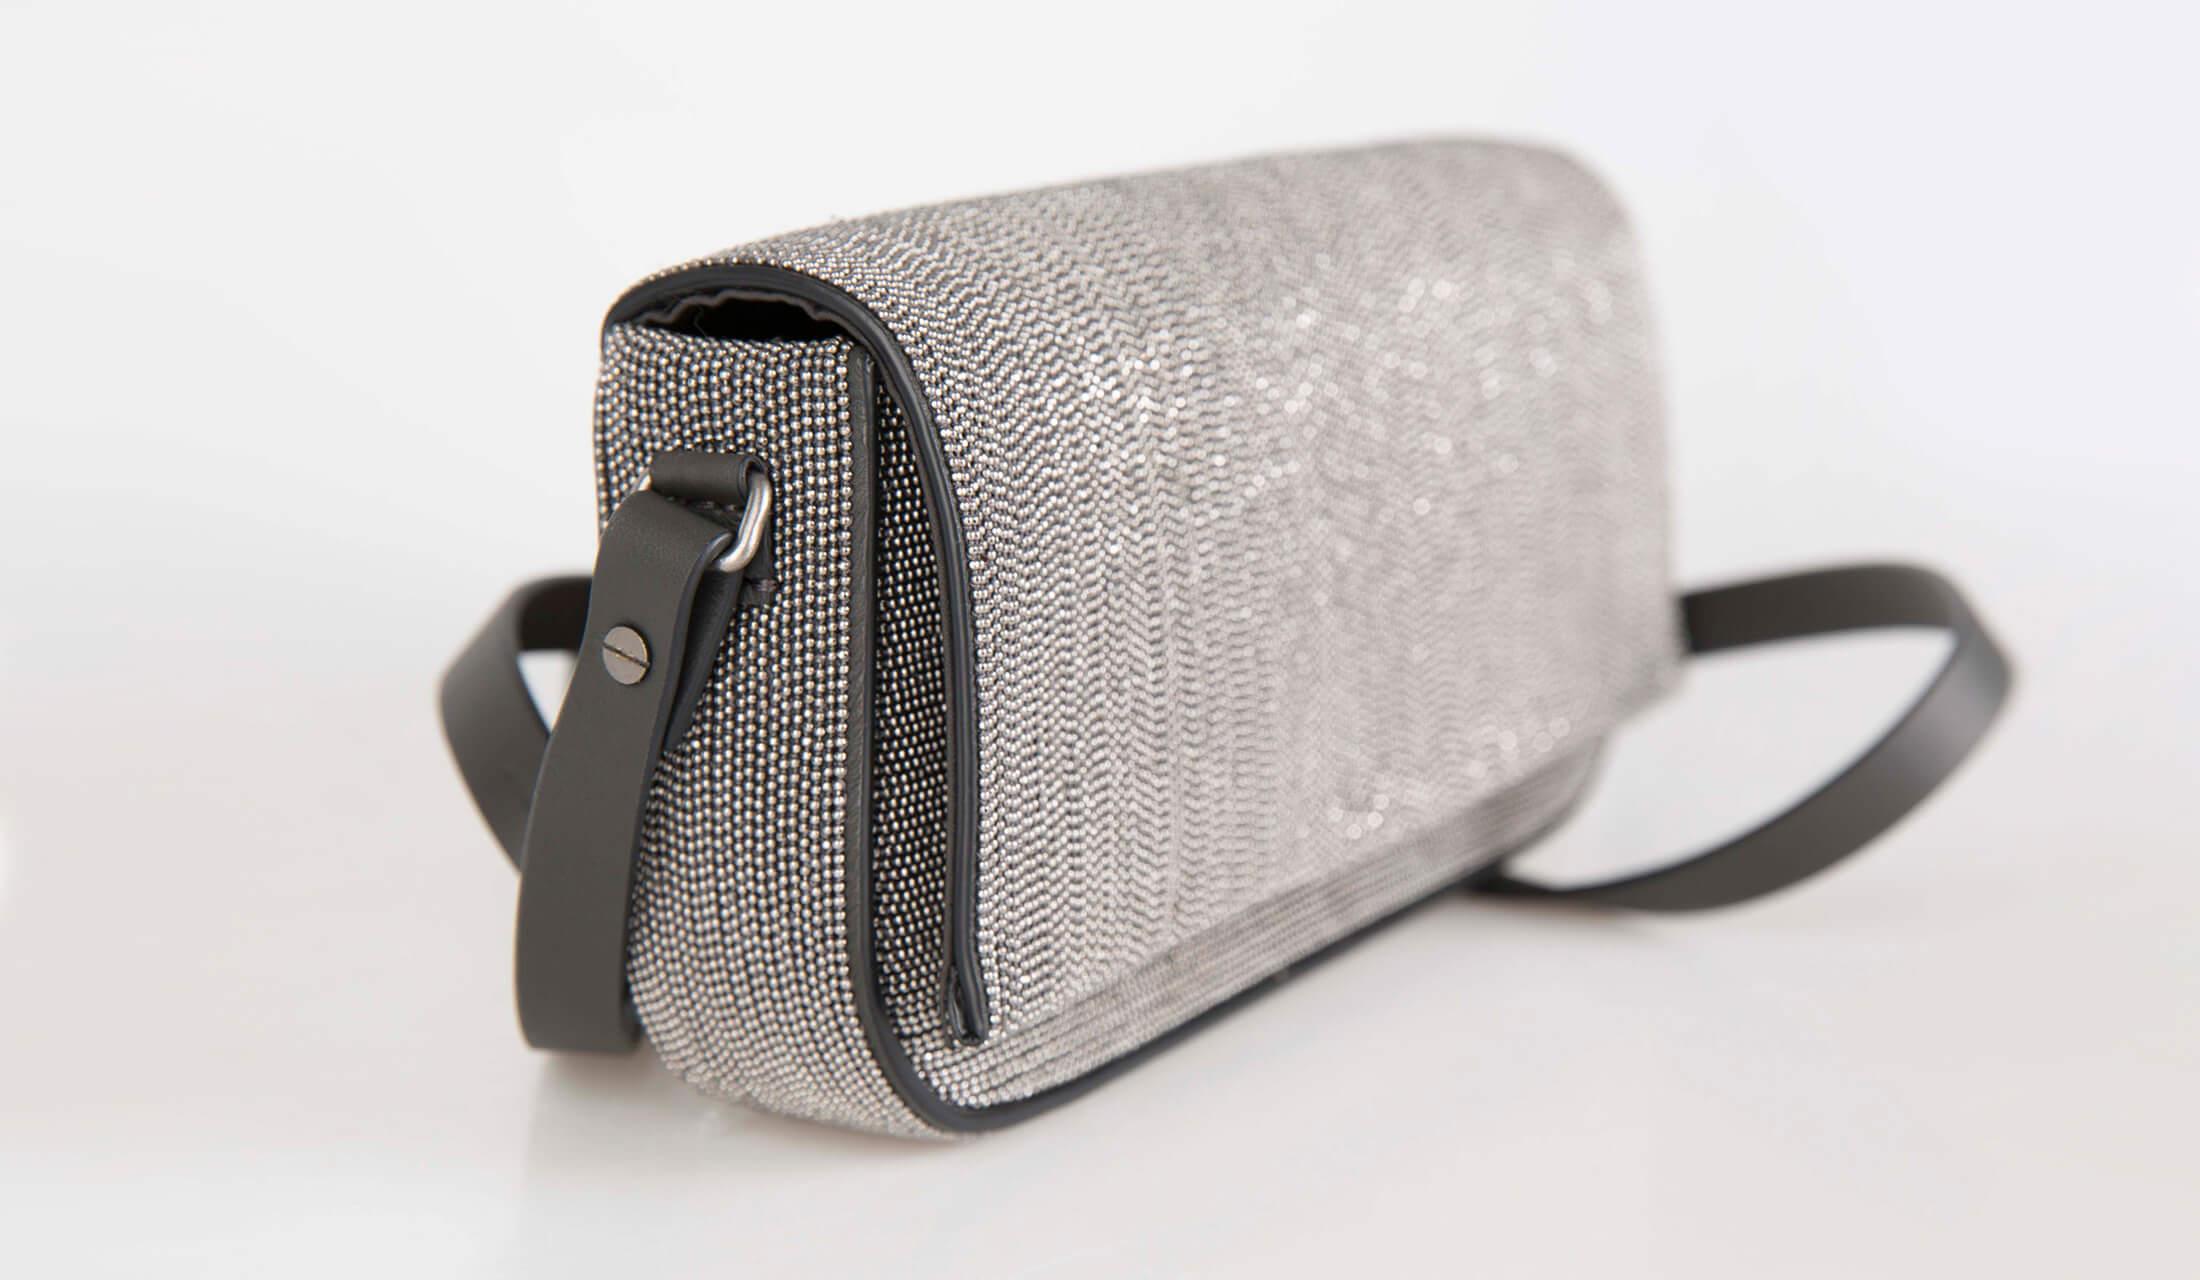 ブルネロ クチネリ( Brunello Cucinelli)から発売する世界100個限定の「シティ・プレシャス・ハンドバッグ」